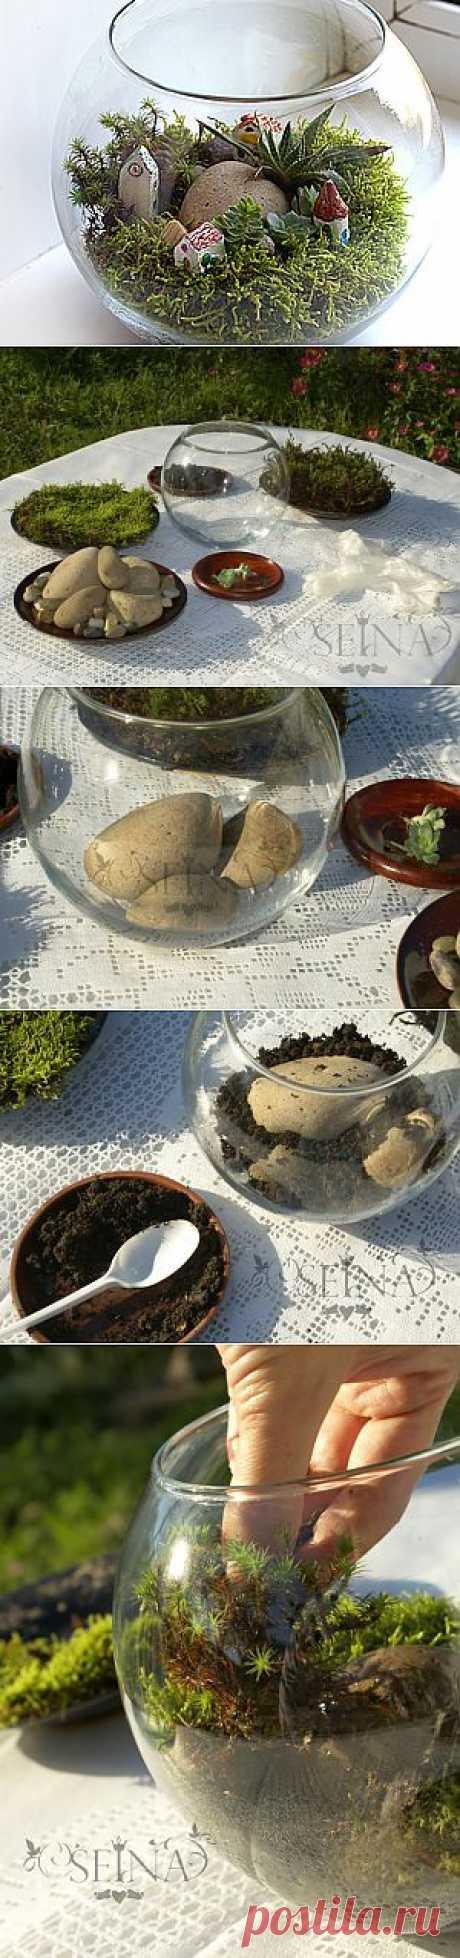 Сад на окне - Ярмарка Мастеров - ручная работа, handmade